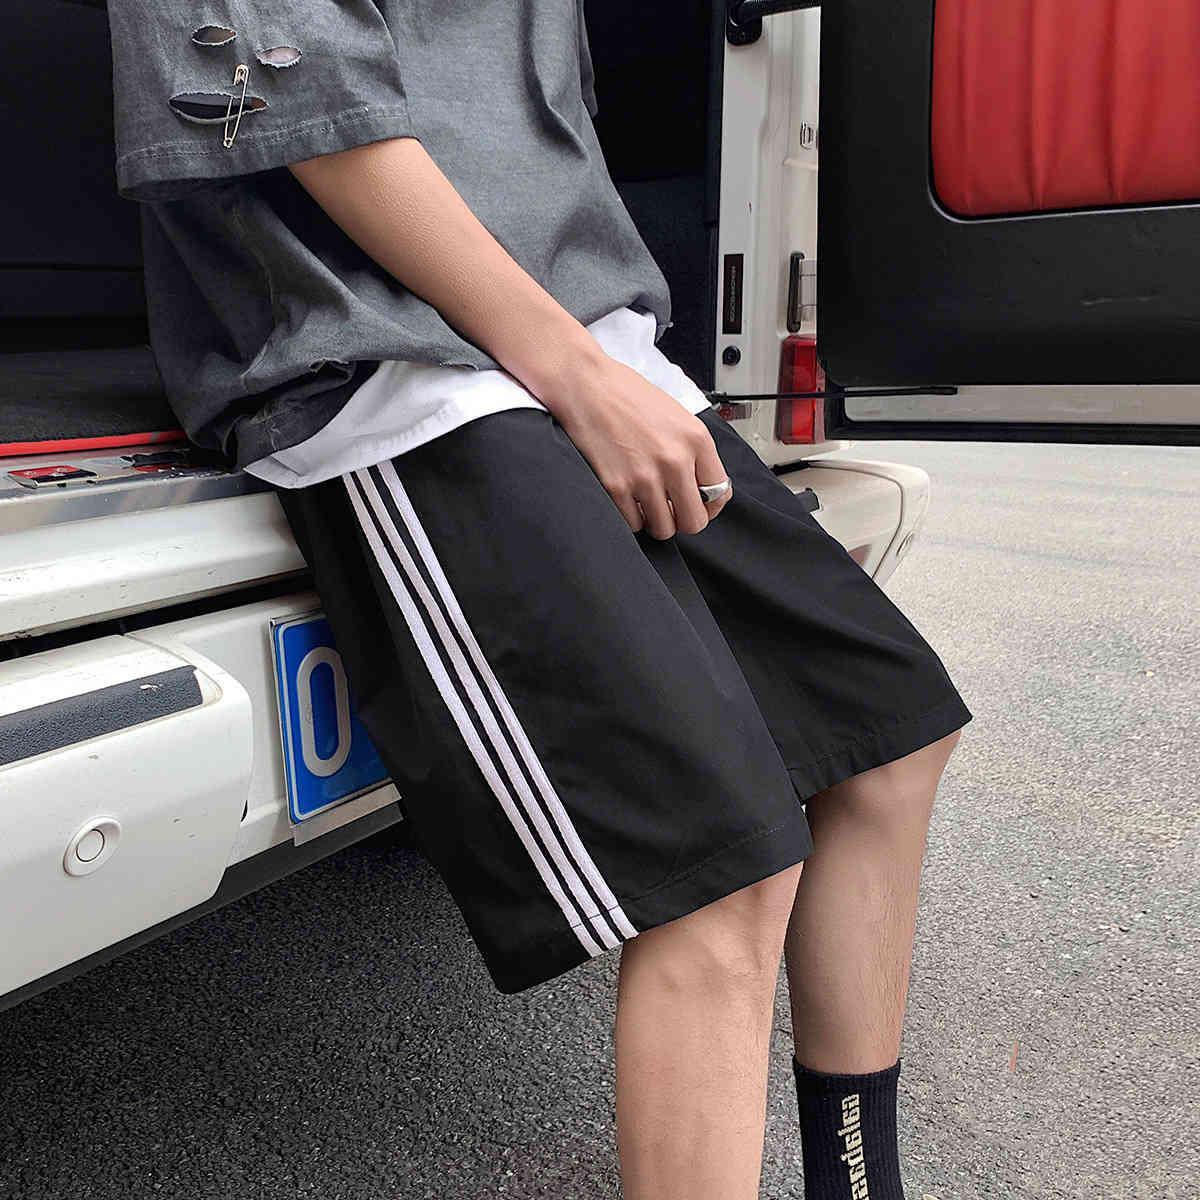 Perth pantalón de verano verano pareja rayada pantalones playa coreano recto suelto shorts casual deportes moda